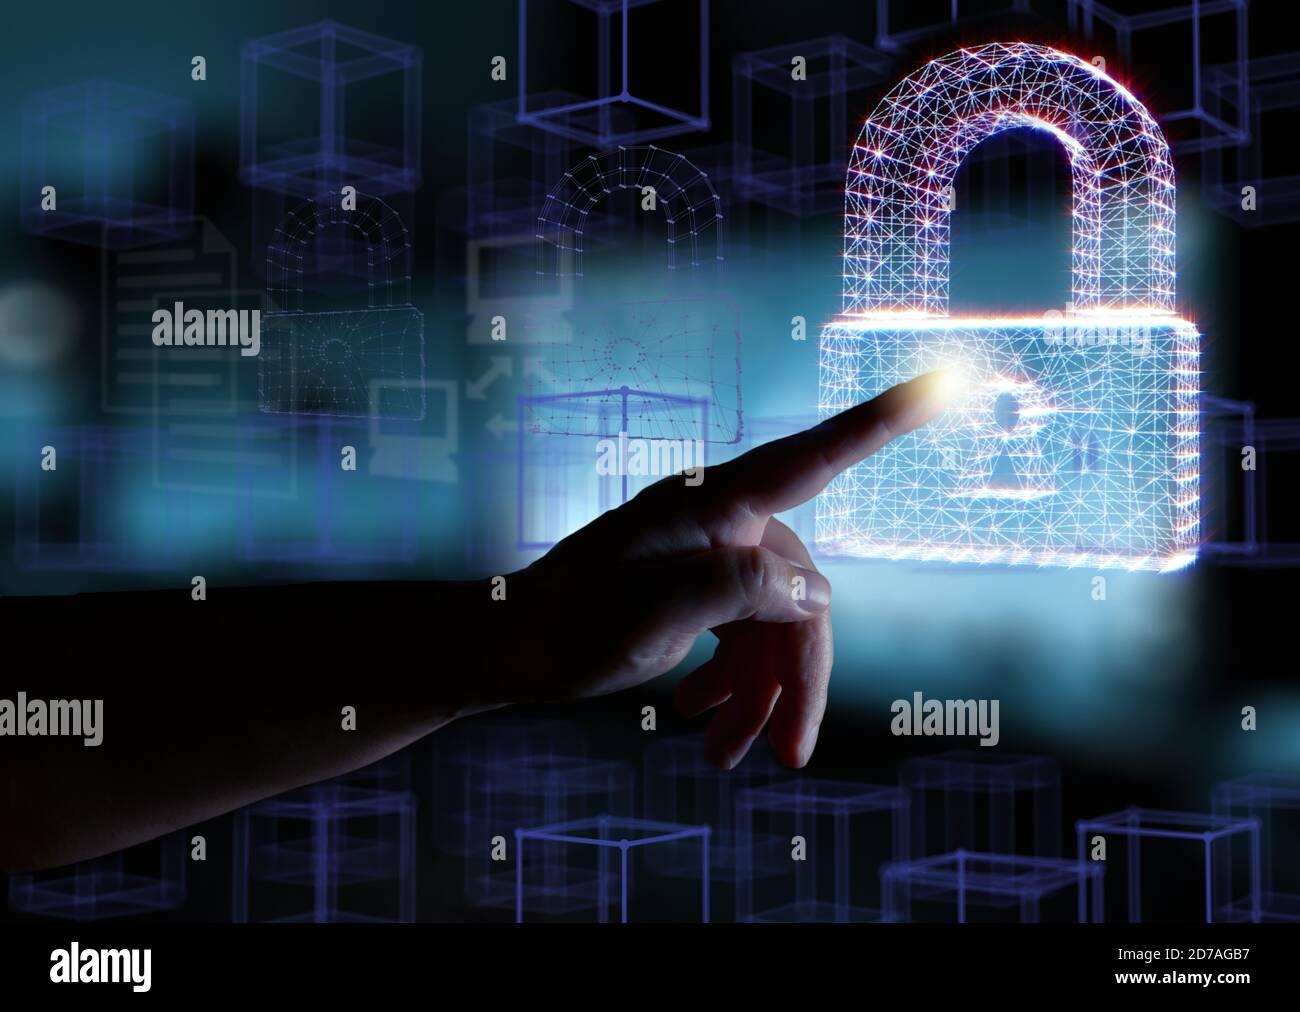 Computersicherheitskonzept. Hand- und Vorhängeschlösser symbolisieren den Datenschutz im Netzwerk und auf PCs. Gemischte Medien. Stockfoto